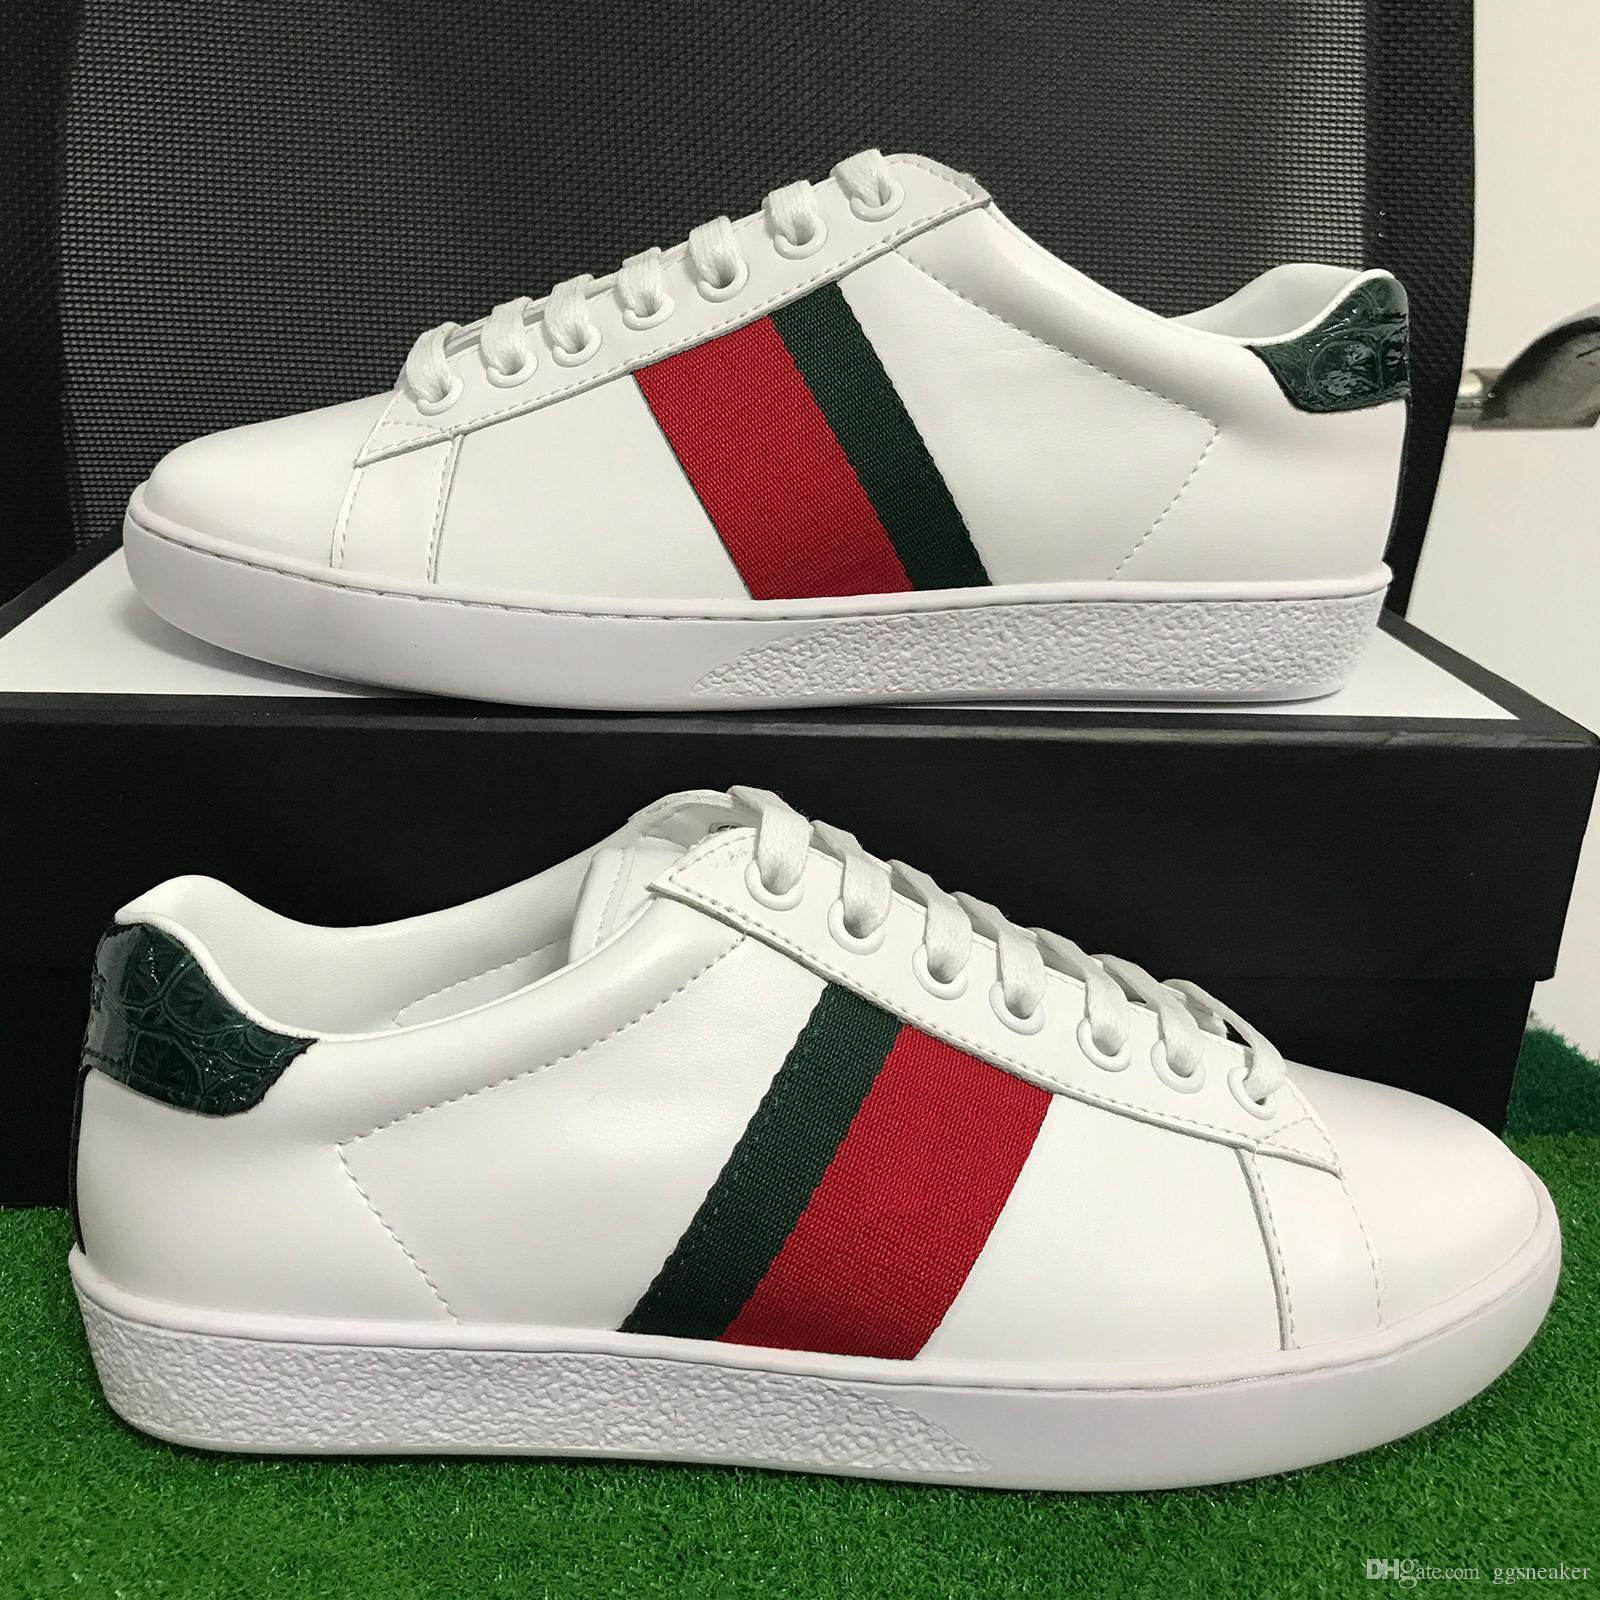 Lüks Markalar Erkek Kadın Günlük Ayakkabılar Tasarımcı Sneakers Yeşil ACE kutusuyla Top Quality Orijinal Deri ile Moda Ayakkabı sneakers çizgili kırmızı